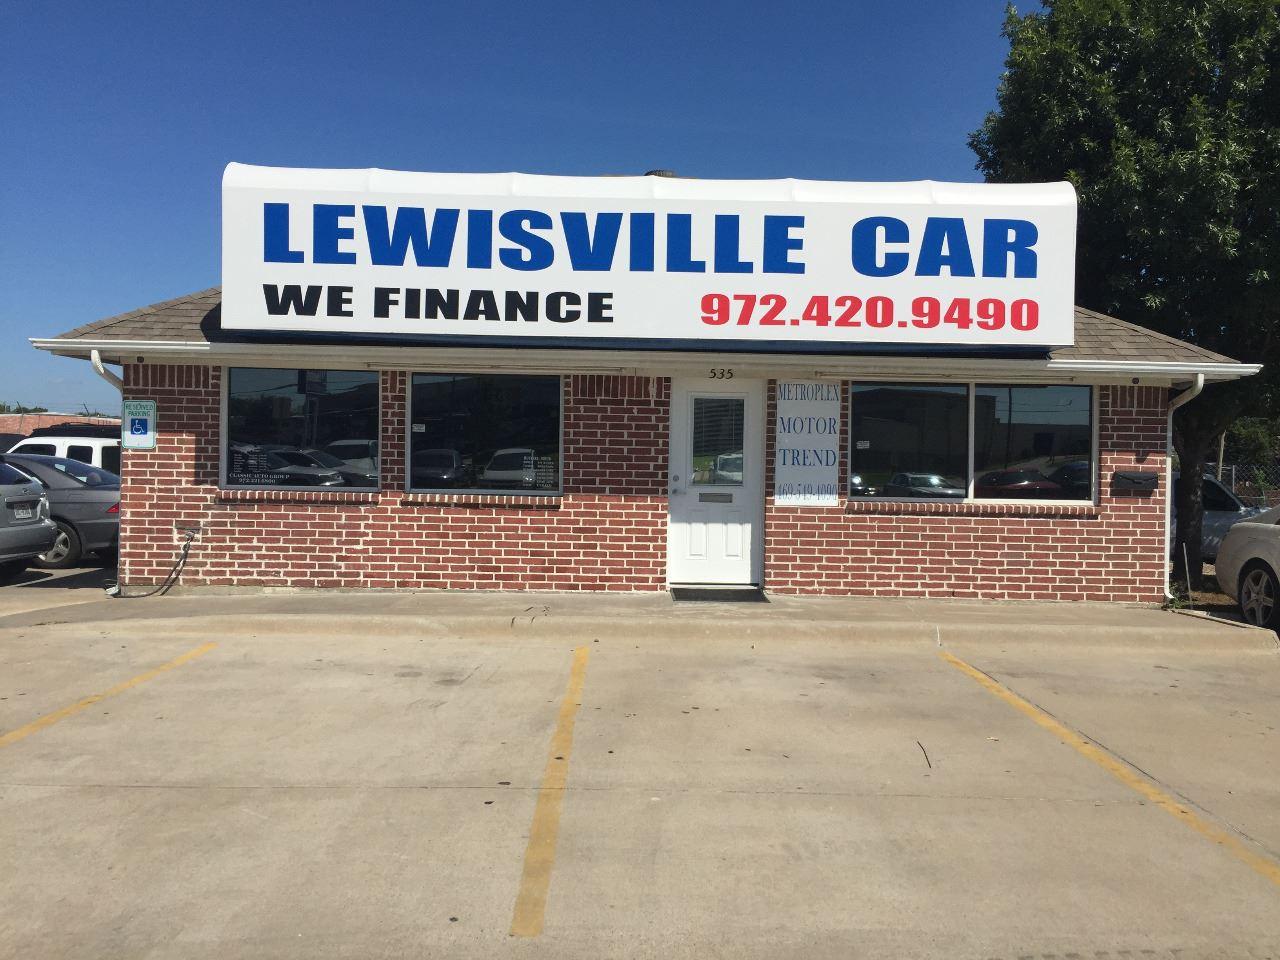 Lewisville Car